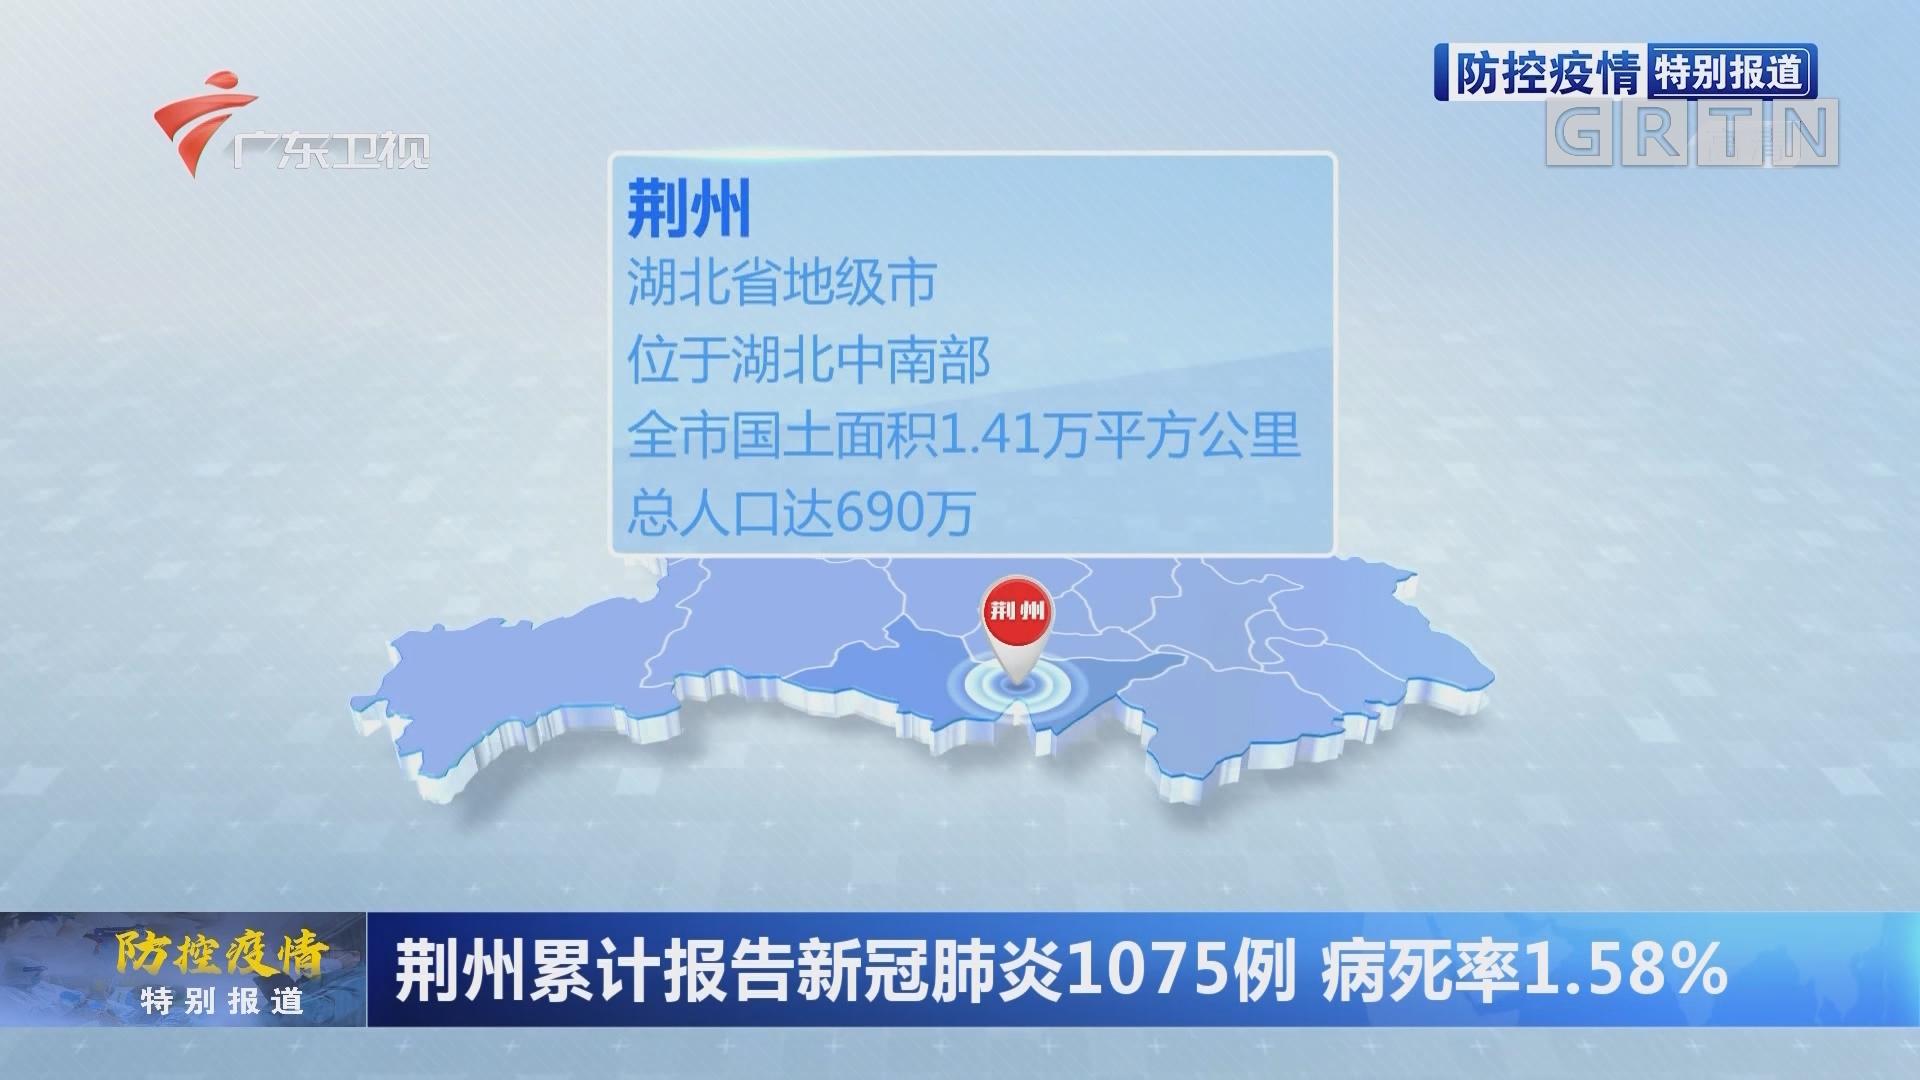 荆州累计报告新冠肺炎1075例 病死率1.58%